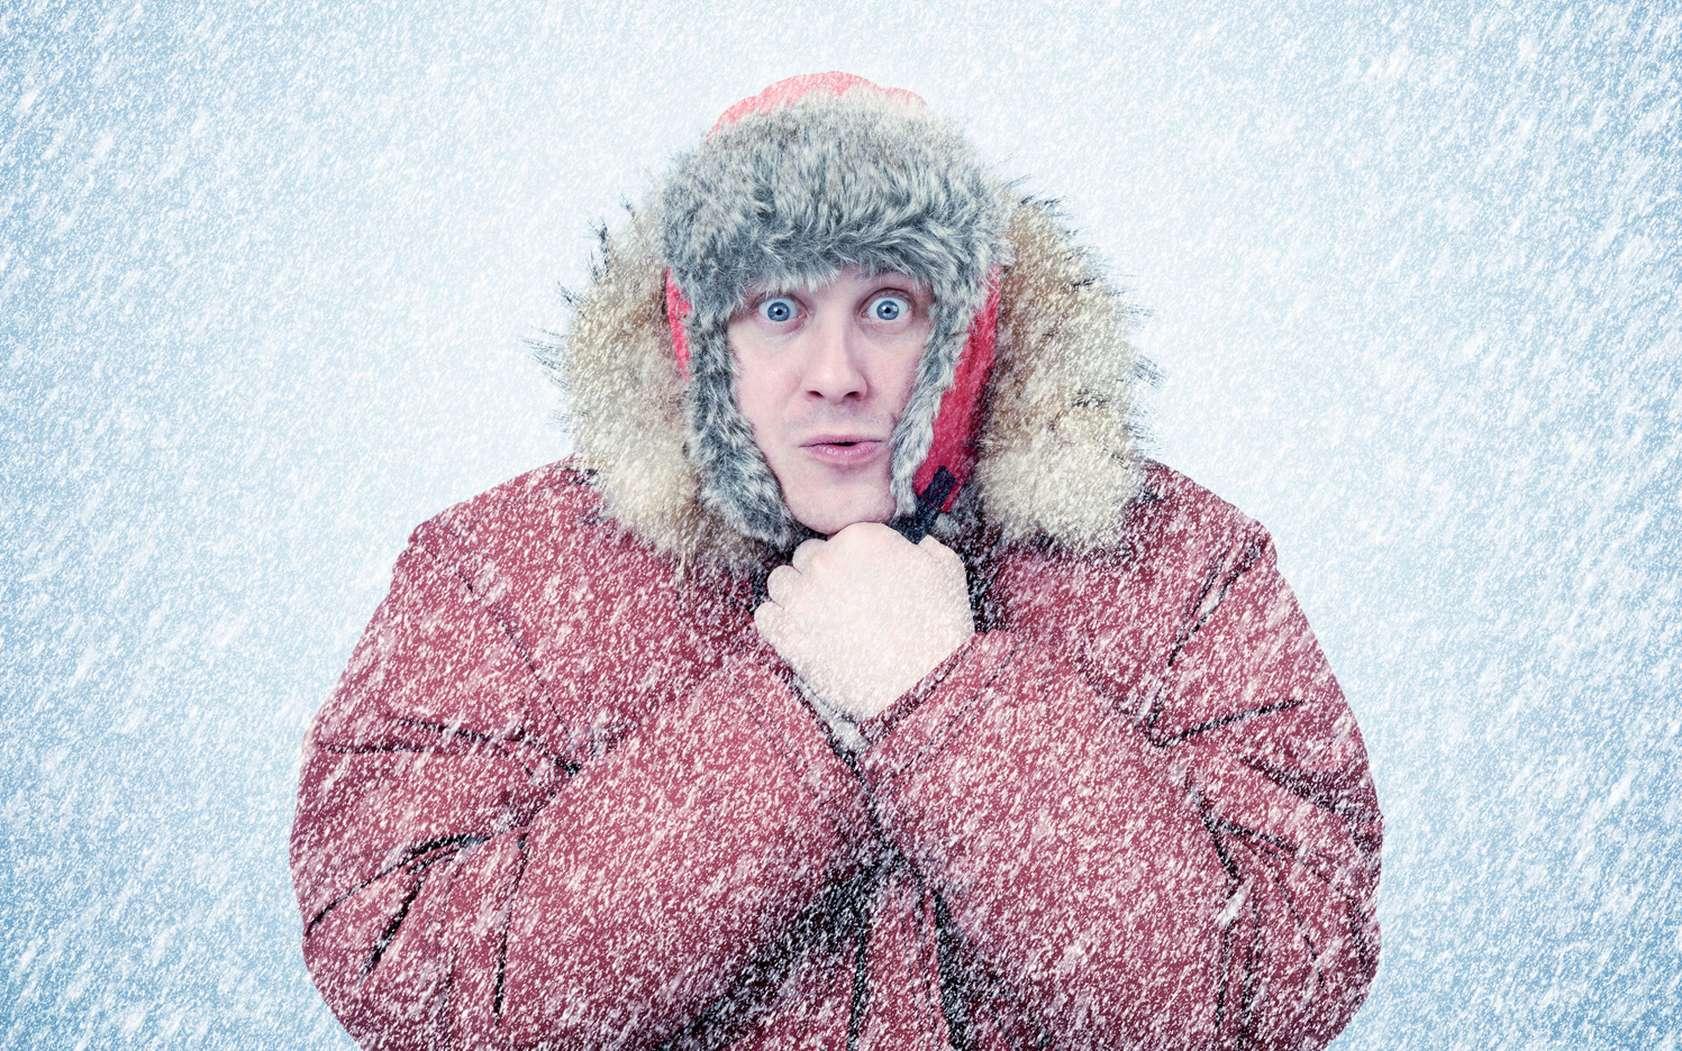 Il est à noter que nous ne sommes pas tous égaux face à la sensation de froid ou de chaud. Notre physiologie et même notre psychologie influent sur la température ressentie par chaque individu. La communauté scientifique française d'ailleurs, ne reconnaît toujours pas ce concept. © afxhome, fotolia